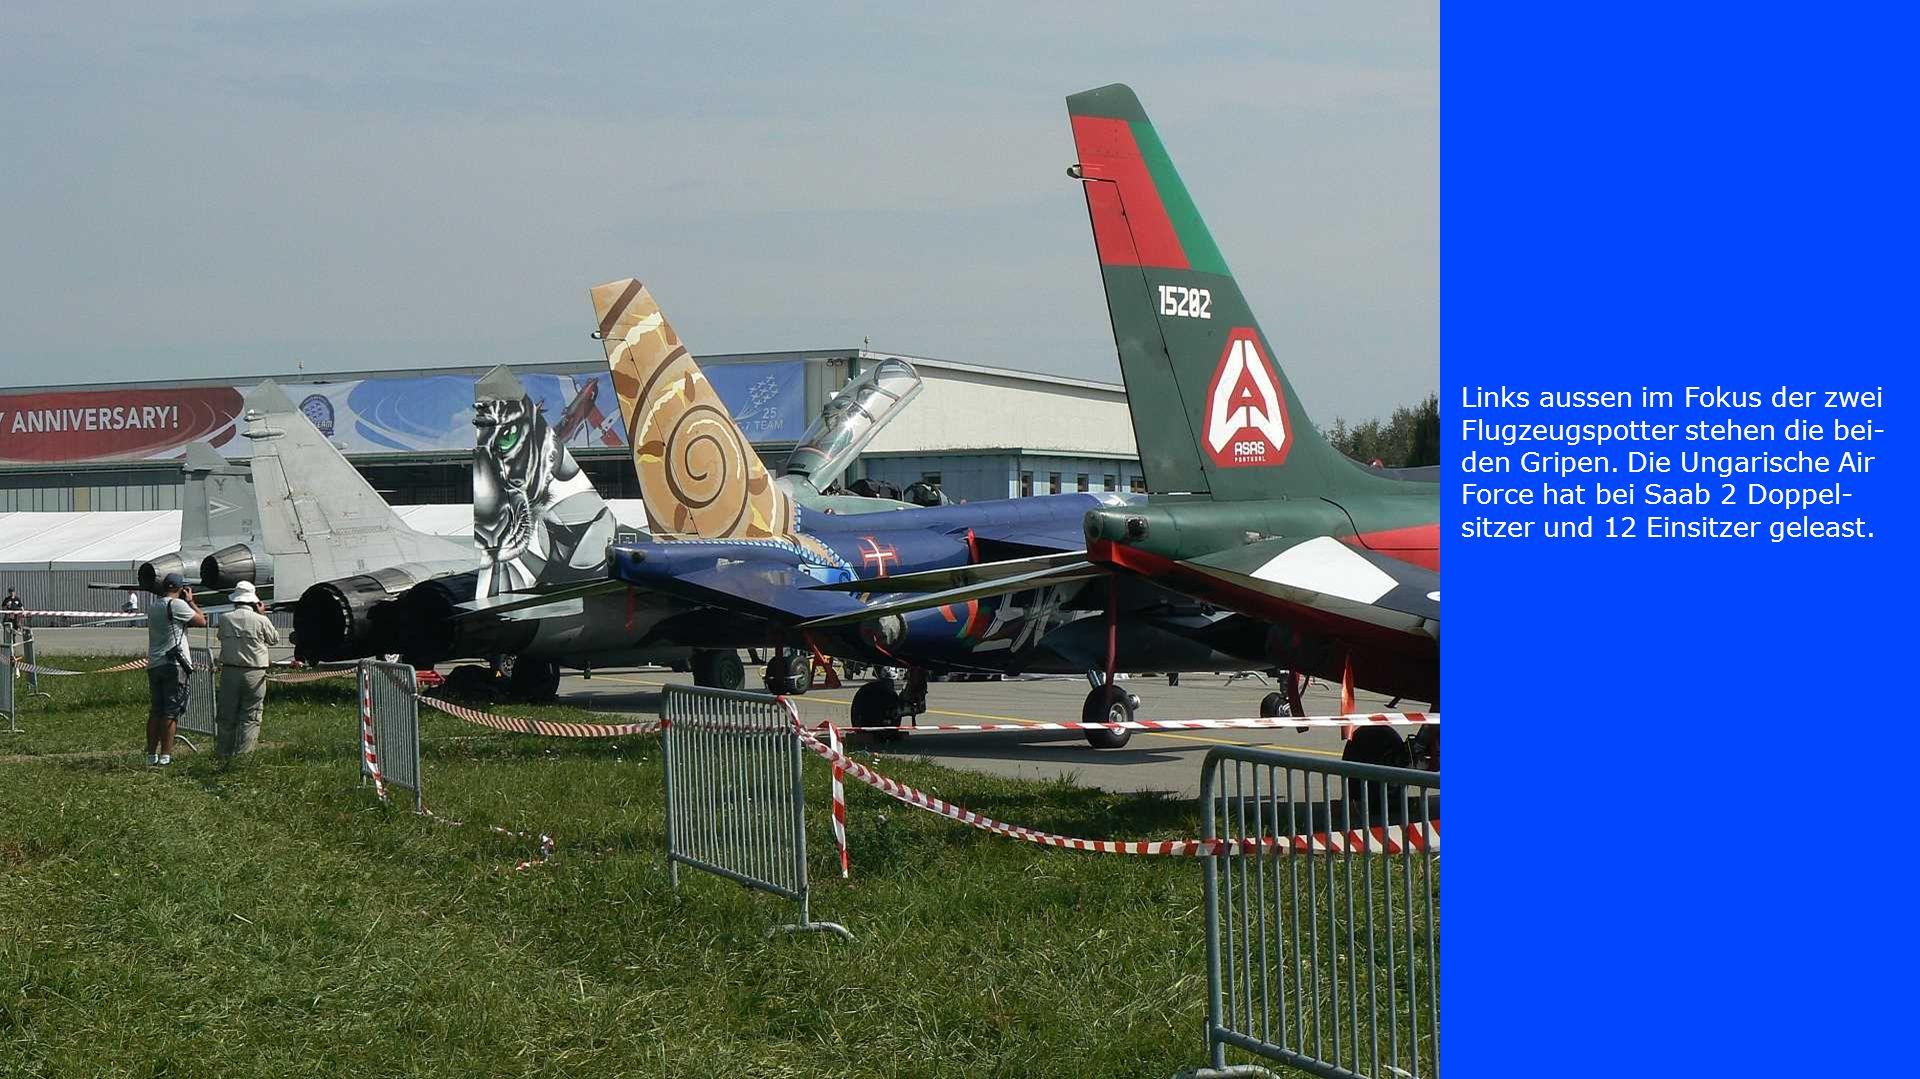 Links aussen im Fokus der zwei Flugzeugspotter stehen die bei- den Gripen. Die Ungarische Air Force hat bei Saab 2 Doppel- sitzer und 12 Einsitzer gel